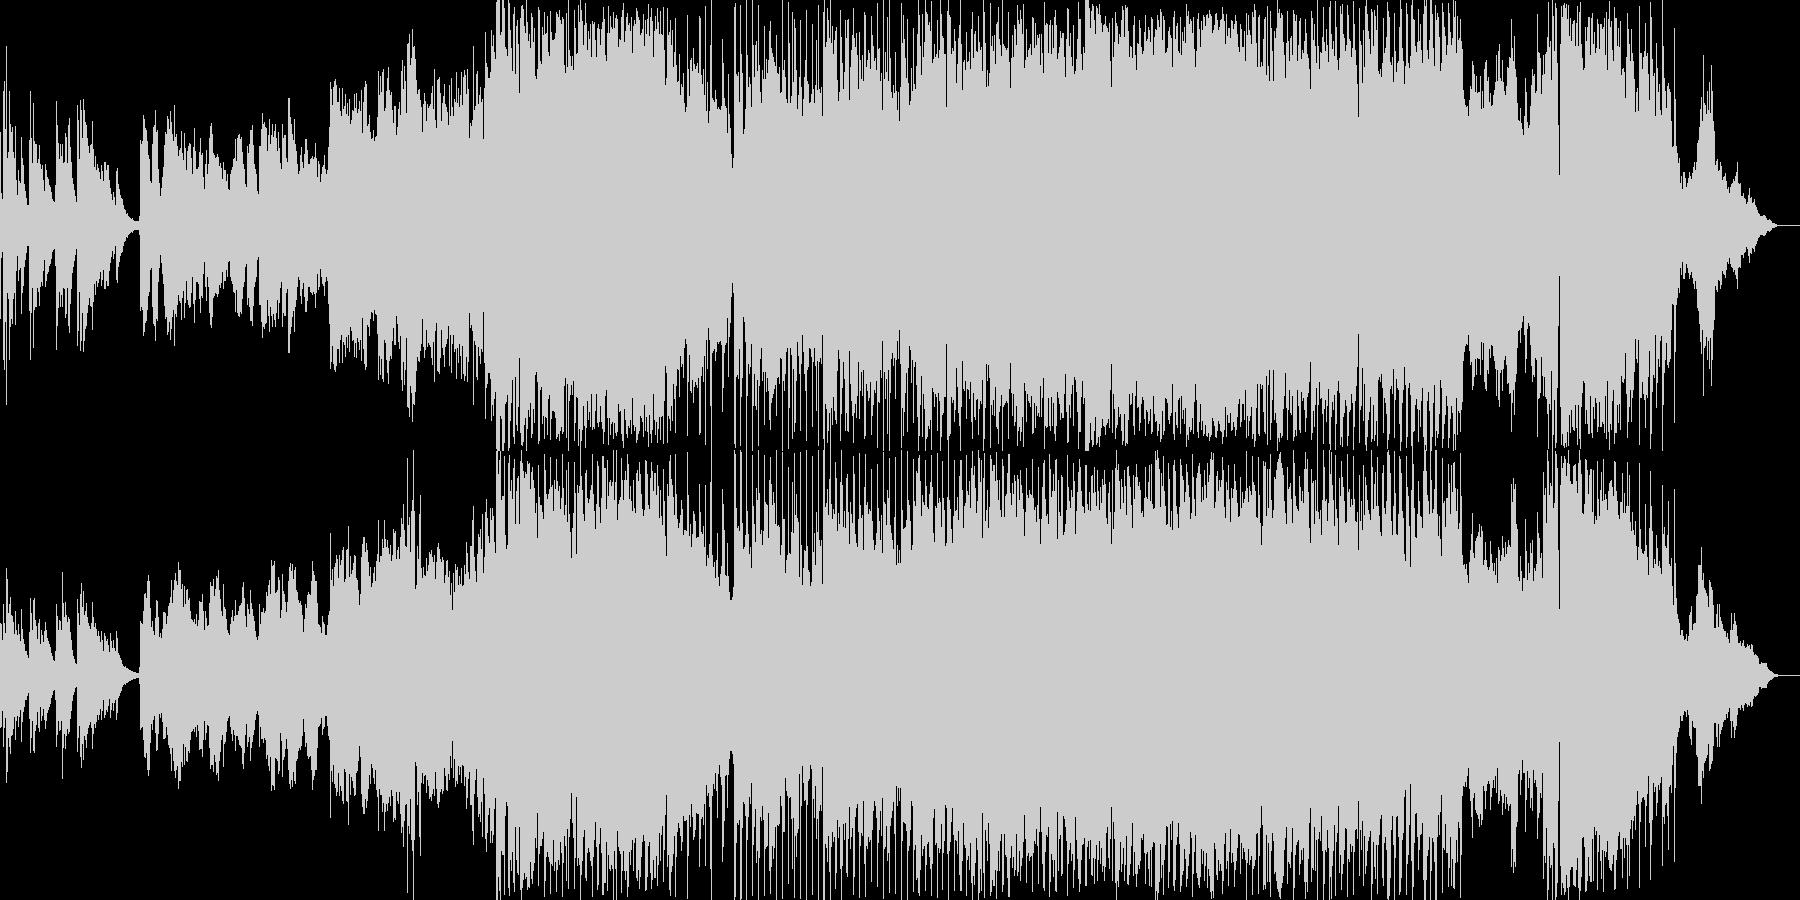 絶望的な雰囲気のマイナーバラードの未再生の波形